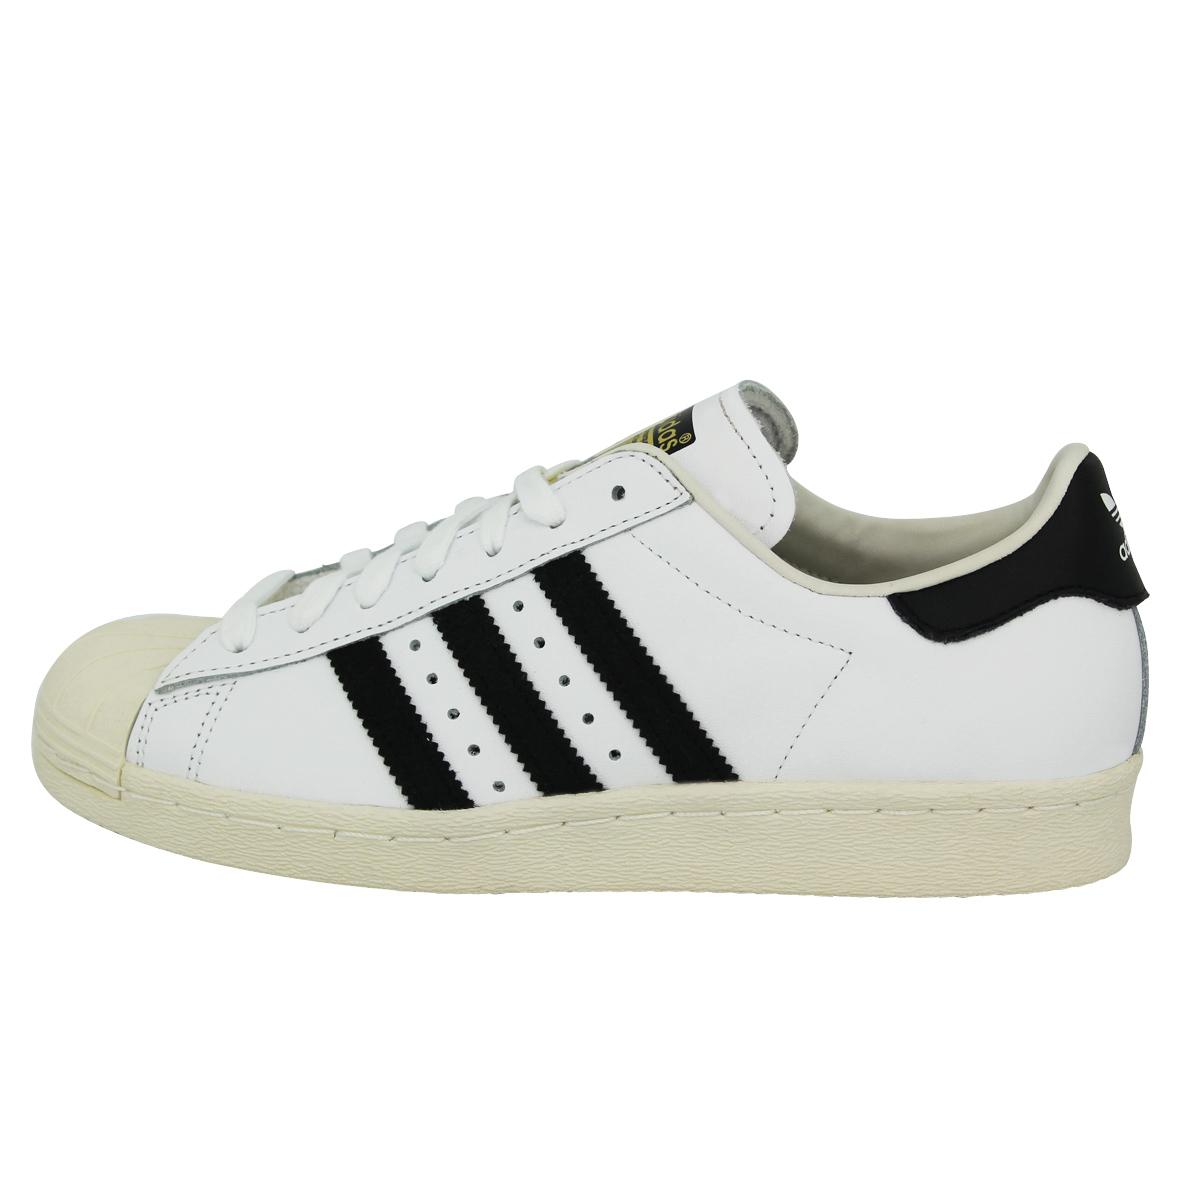 newest 7e3fd af714 adidas-Originals-SUPERSTAR-80S-Scarpe-Moda-Scarpe-sportive-